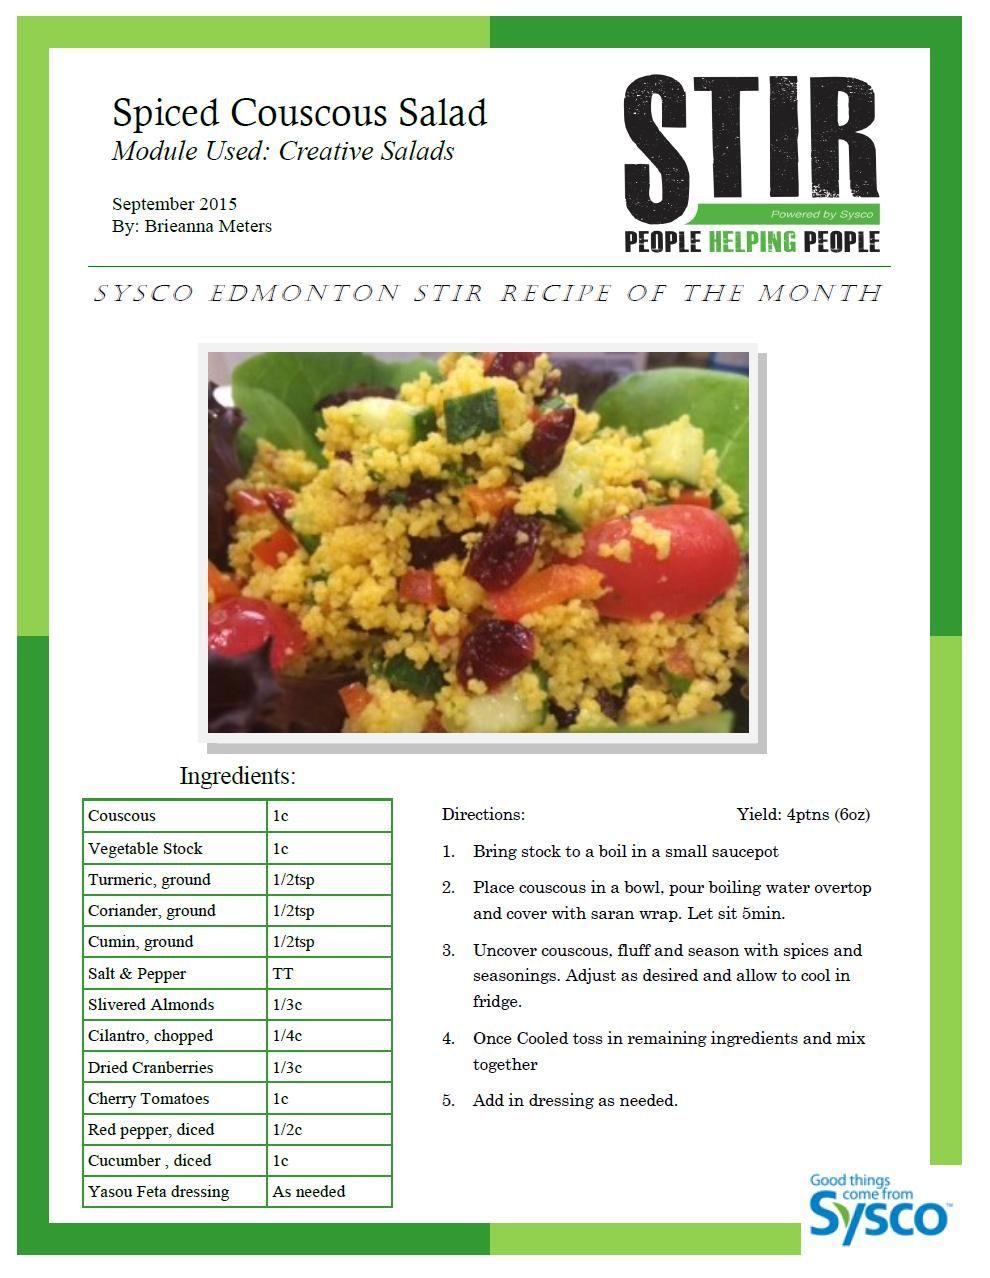 Pin by SyscoCanada on Sysco Edmonton's Recipes Recipes